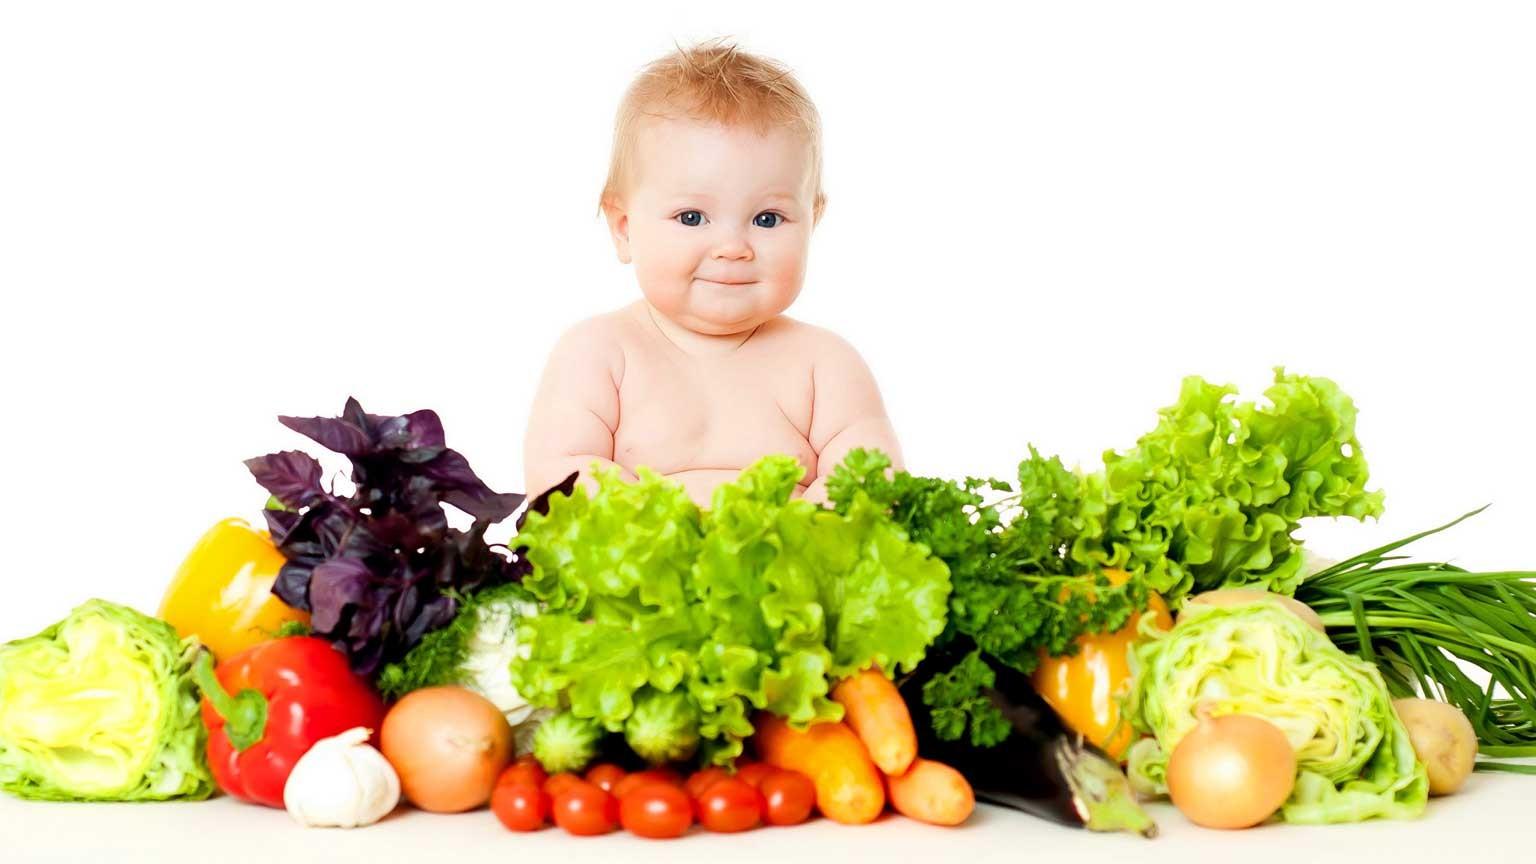 Bebeklerde Ek Gıda Süreci Başlıyor: Uçak Geliyooor | Bebek Beslenmesi